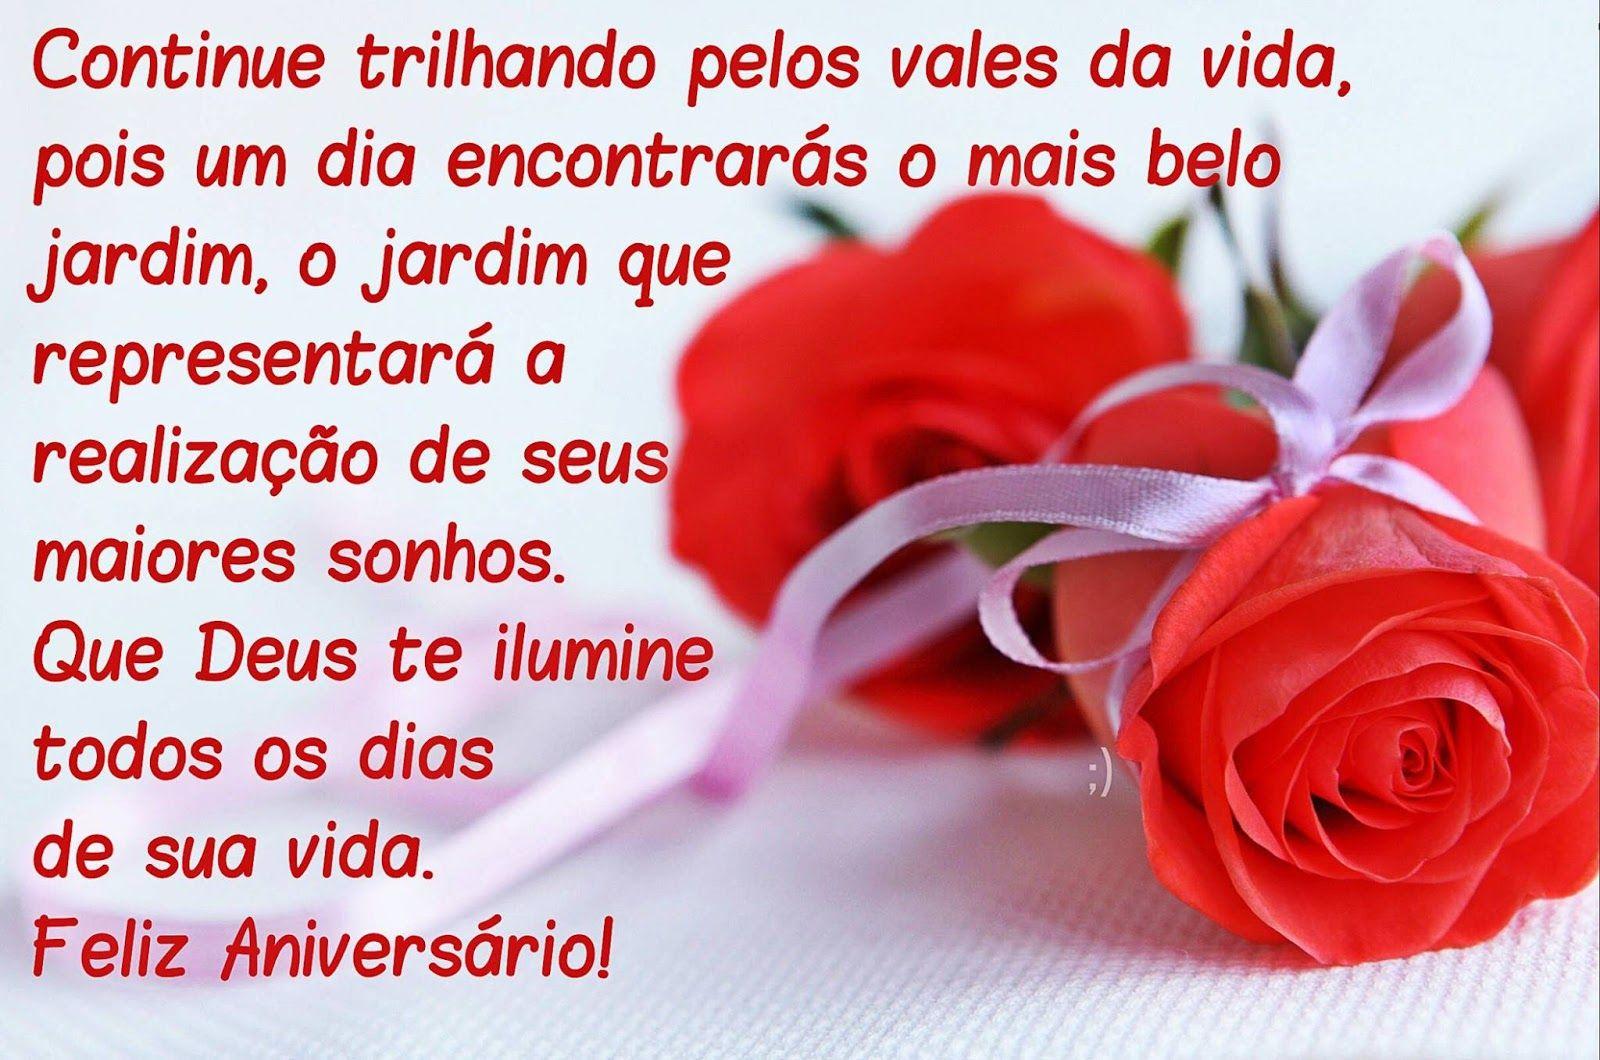 Frases De Feliz Aniversário Lindas: Que Deus Te Ilumine Todos Os Dias De Sua Vida. Feliz